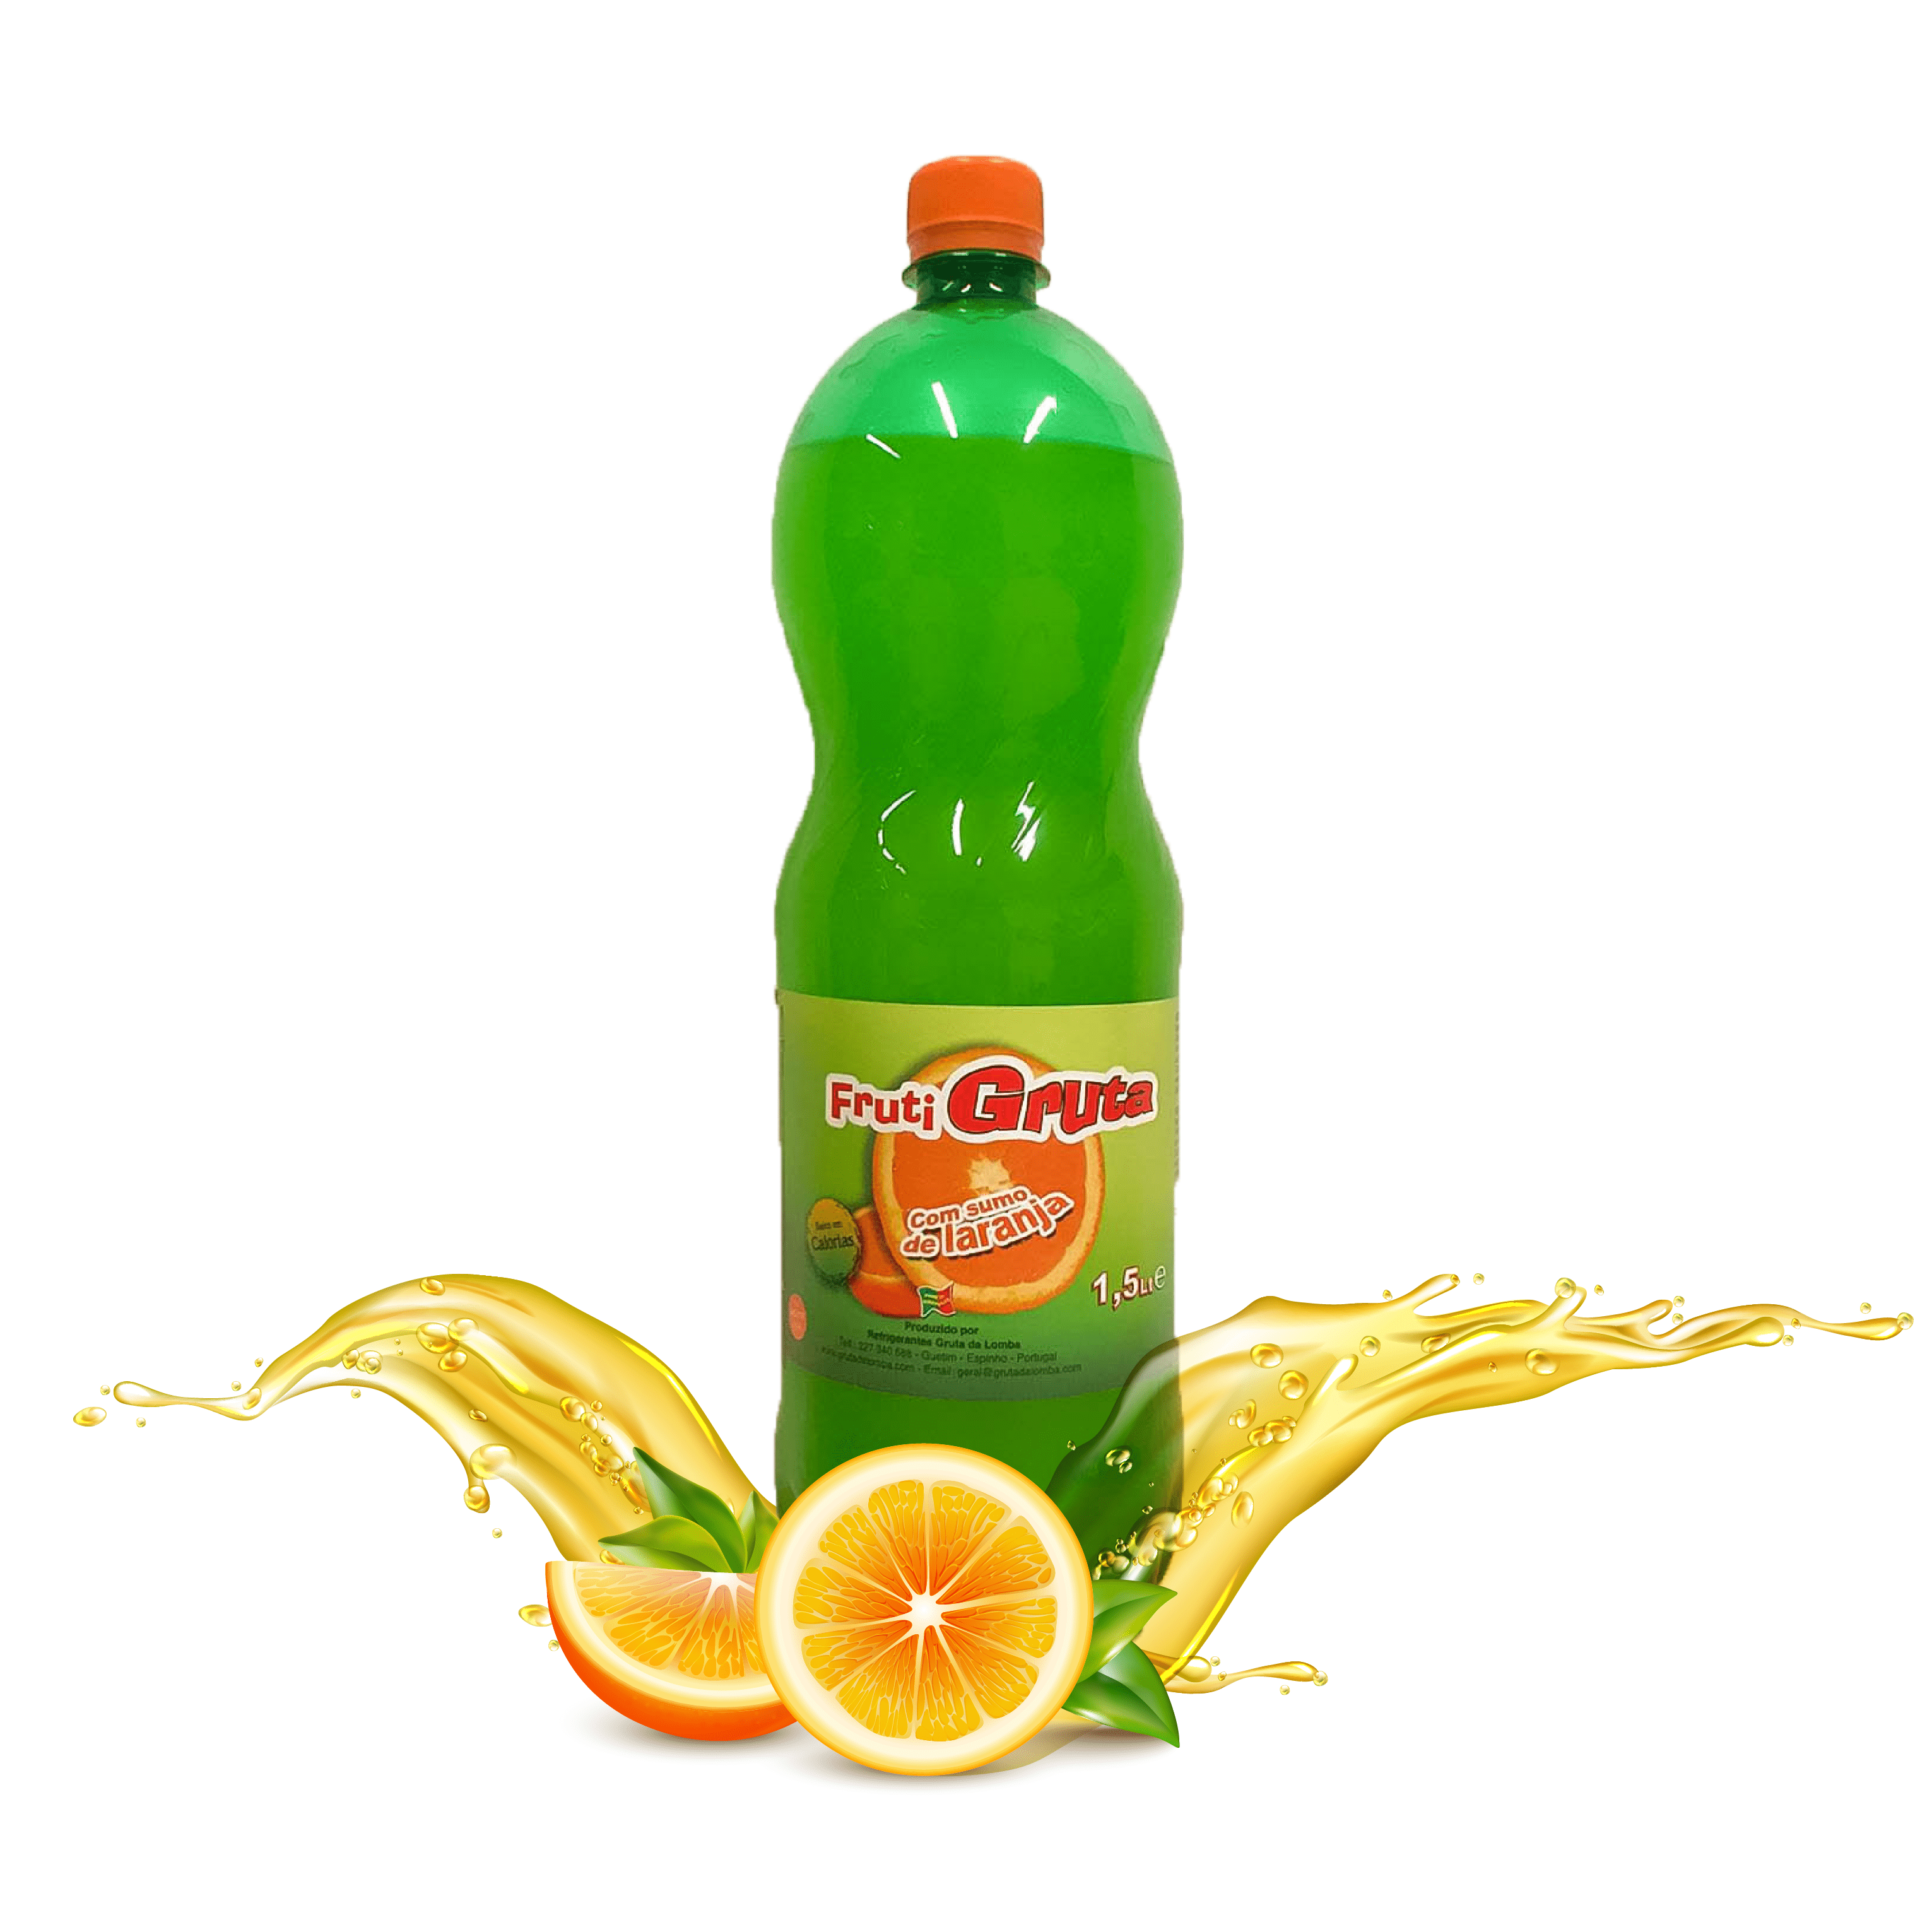 FRUTIGRUTA laranja gruta da lomba